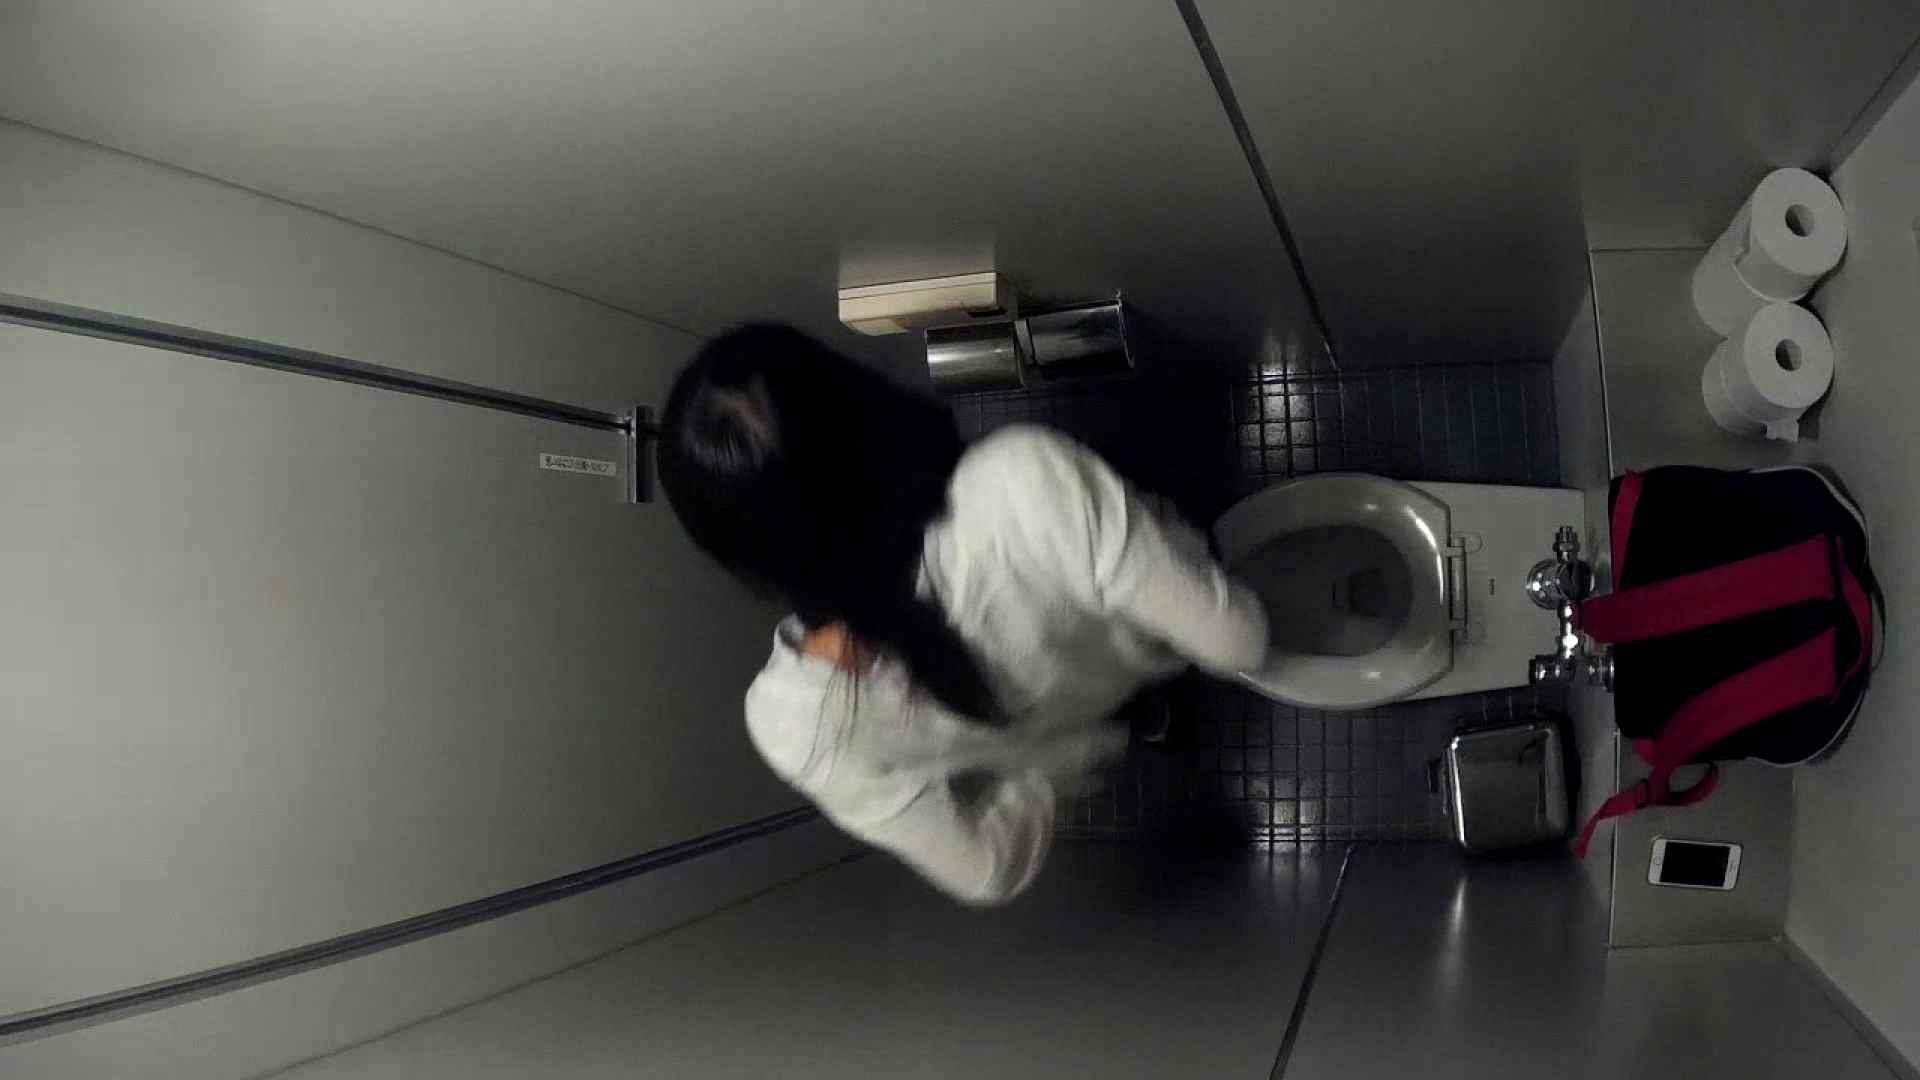 ハメ撮り|有名大学女性洗面所 vol.41 素敵なオシリとお顔がいっぱい。抜き過ぎ注意報!|のぞき本舗 中村屋